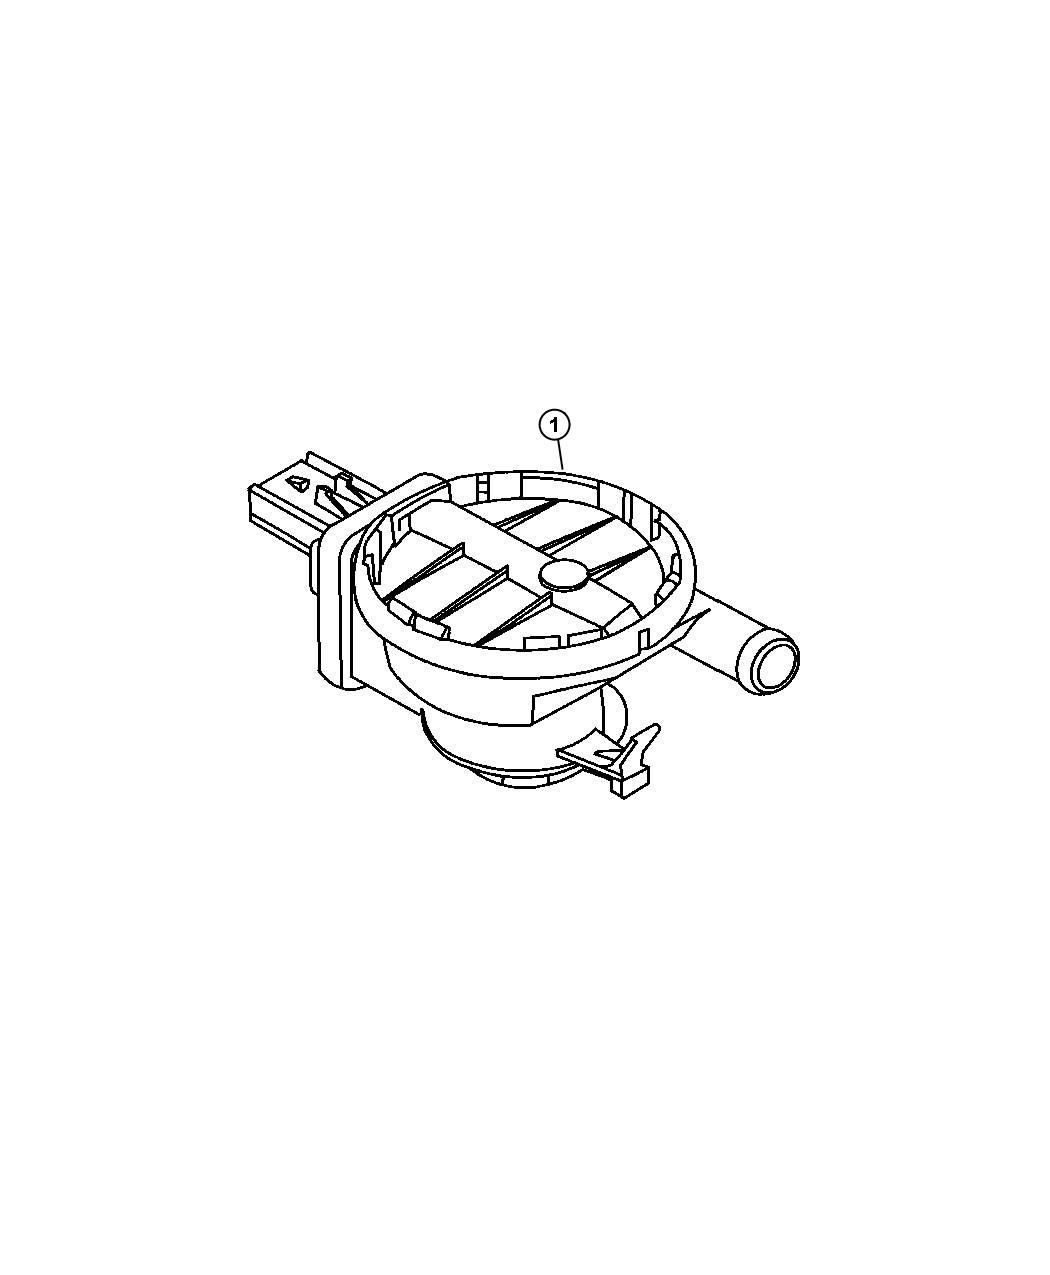 Jeep Commander Filter. Fuel vapor vent, leak detection